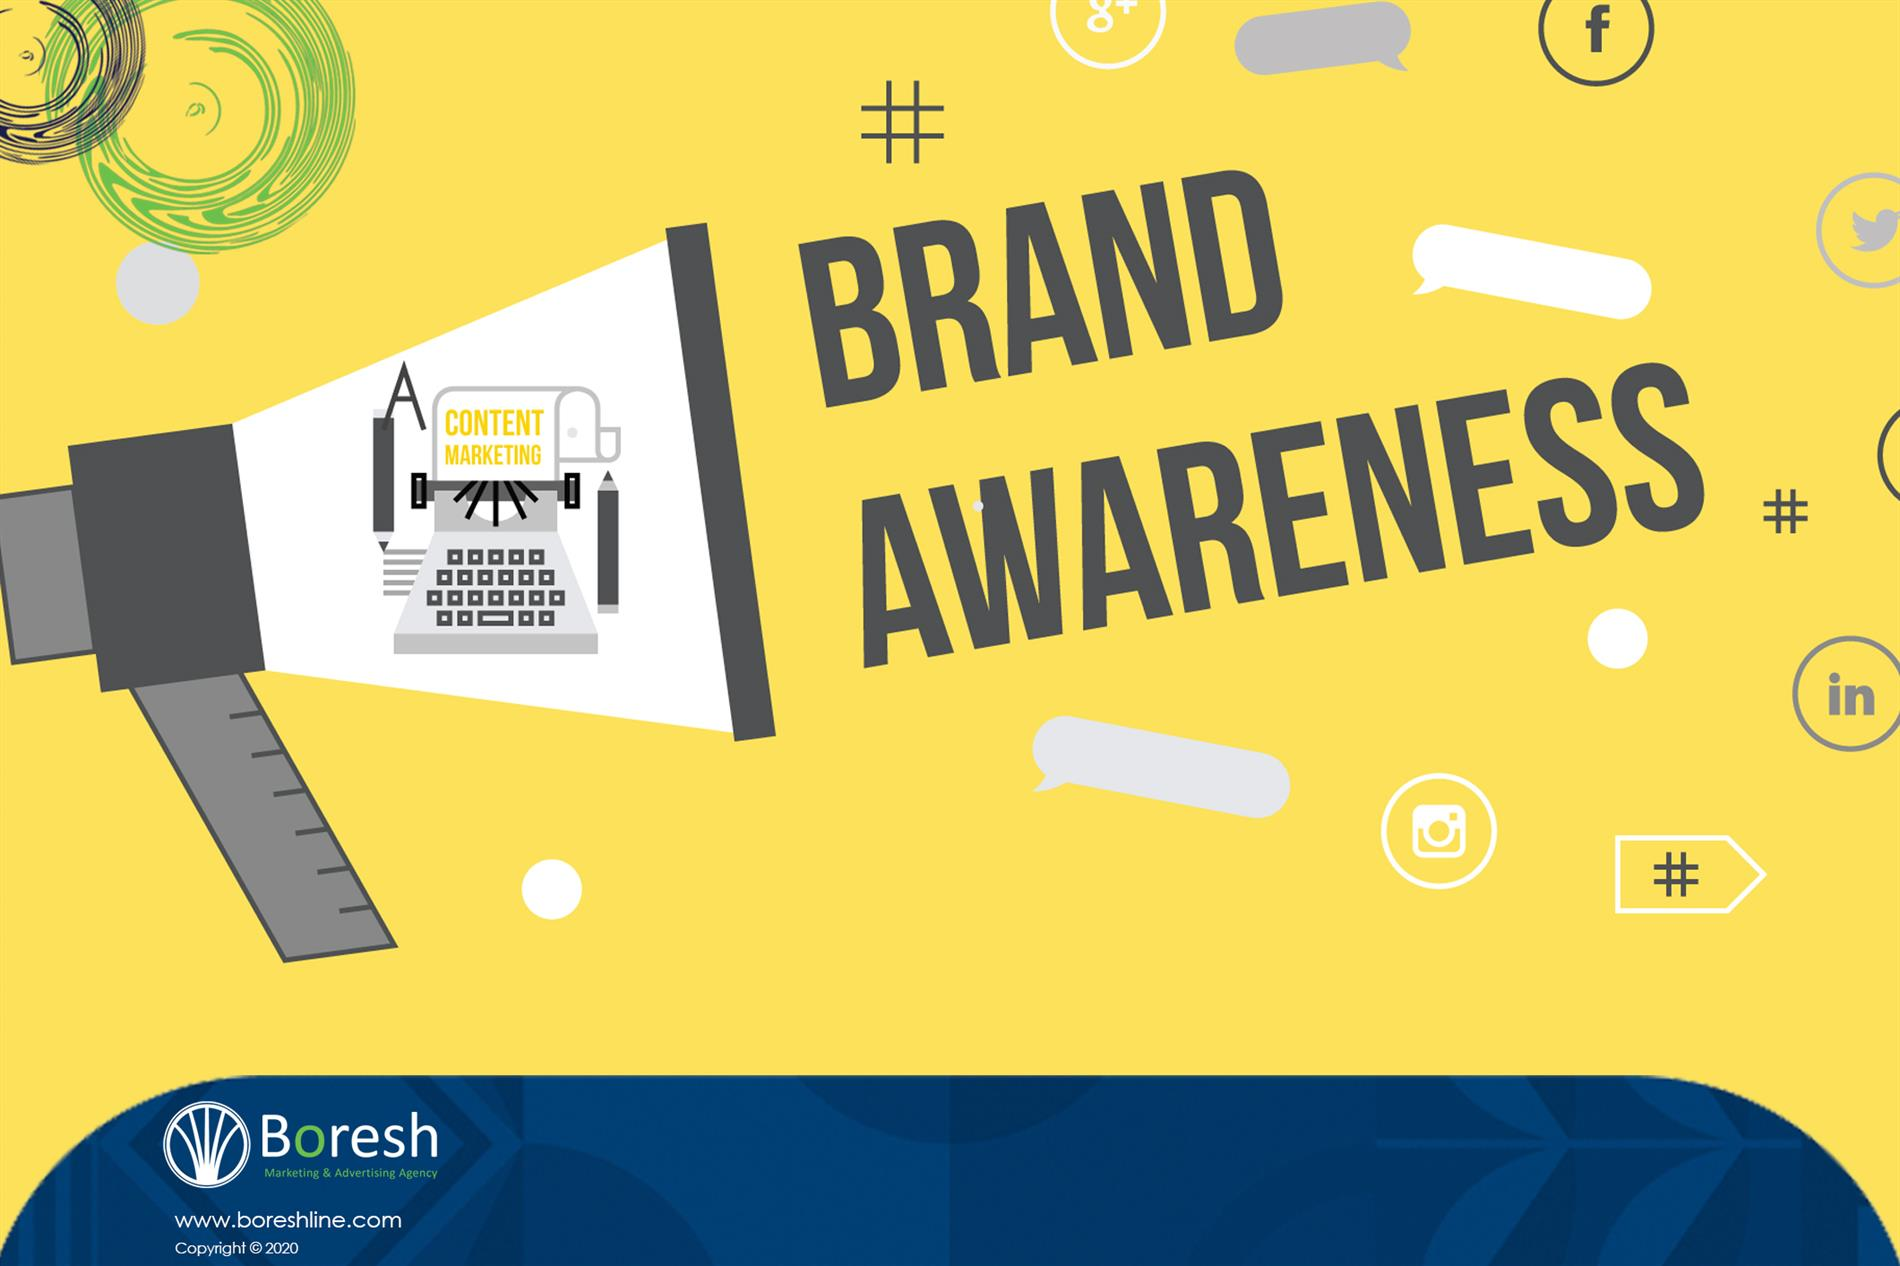 """تعریف """"آگاهی برند"""" (Brand Awareness) چیست؟ - گروه برندسازی، تبلیغات،بازاریابی و توسعه کسب و کار برش"""